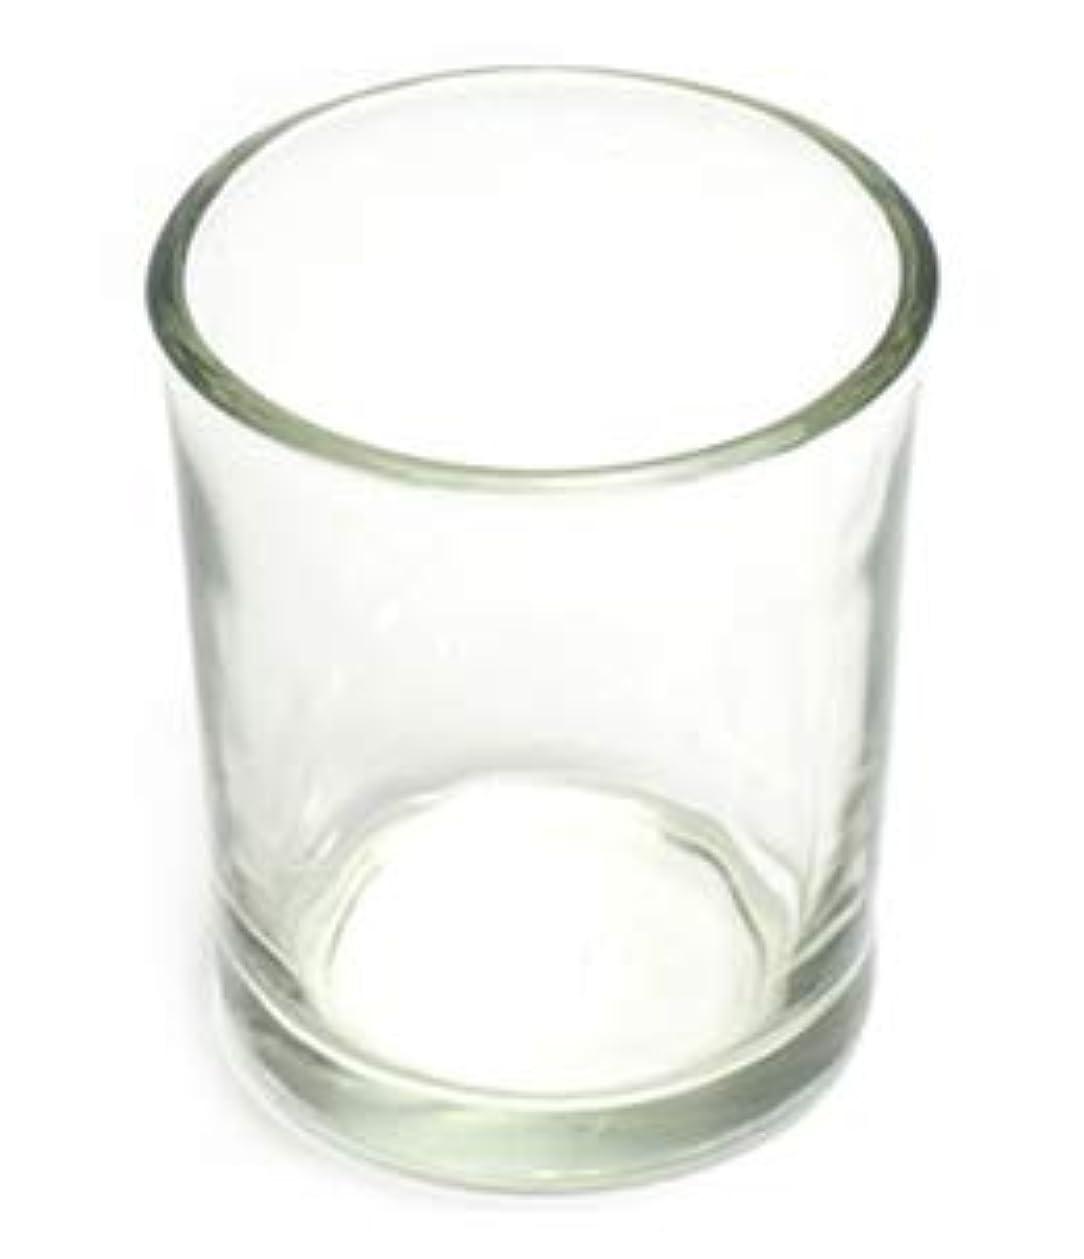 創始者心理的主導権キャンドルホルダー ガラス シンプル[小] 192個【キャンドルスタンド 透明 クリア おしゃれ ろうそく立て】